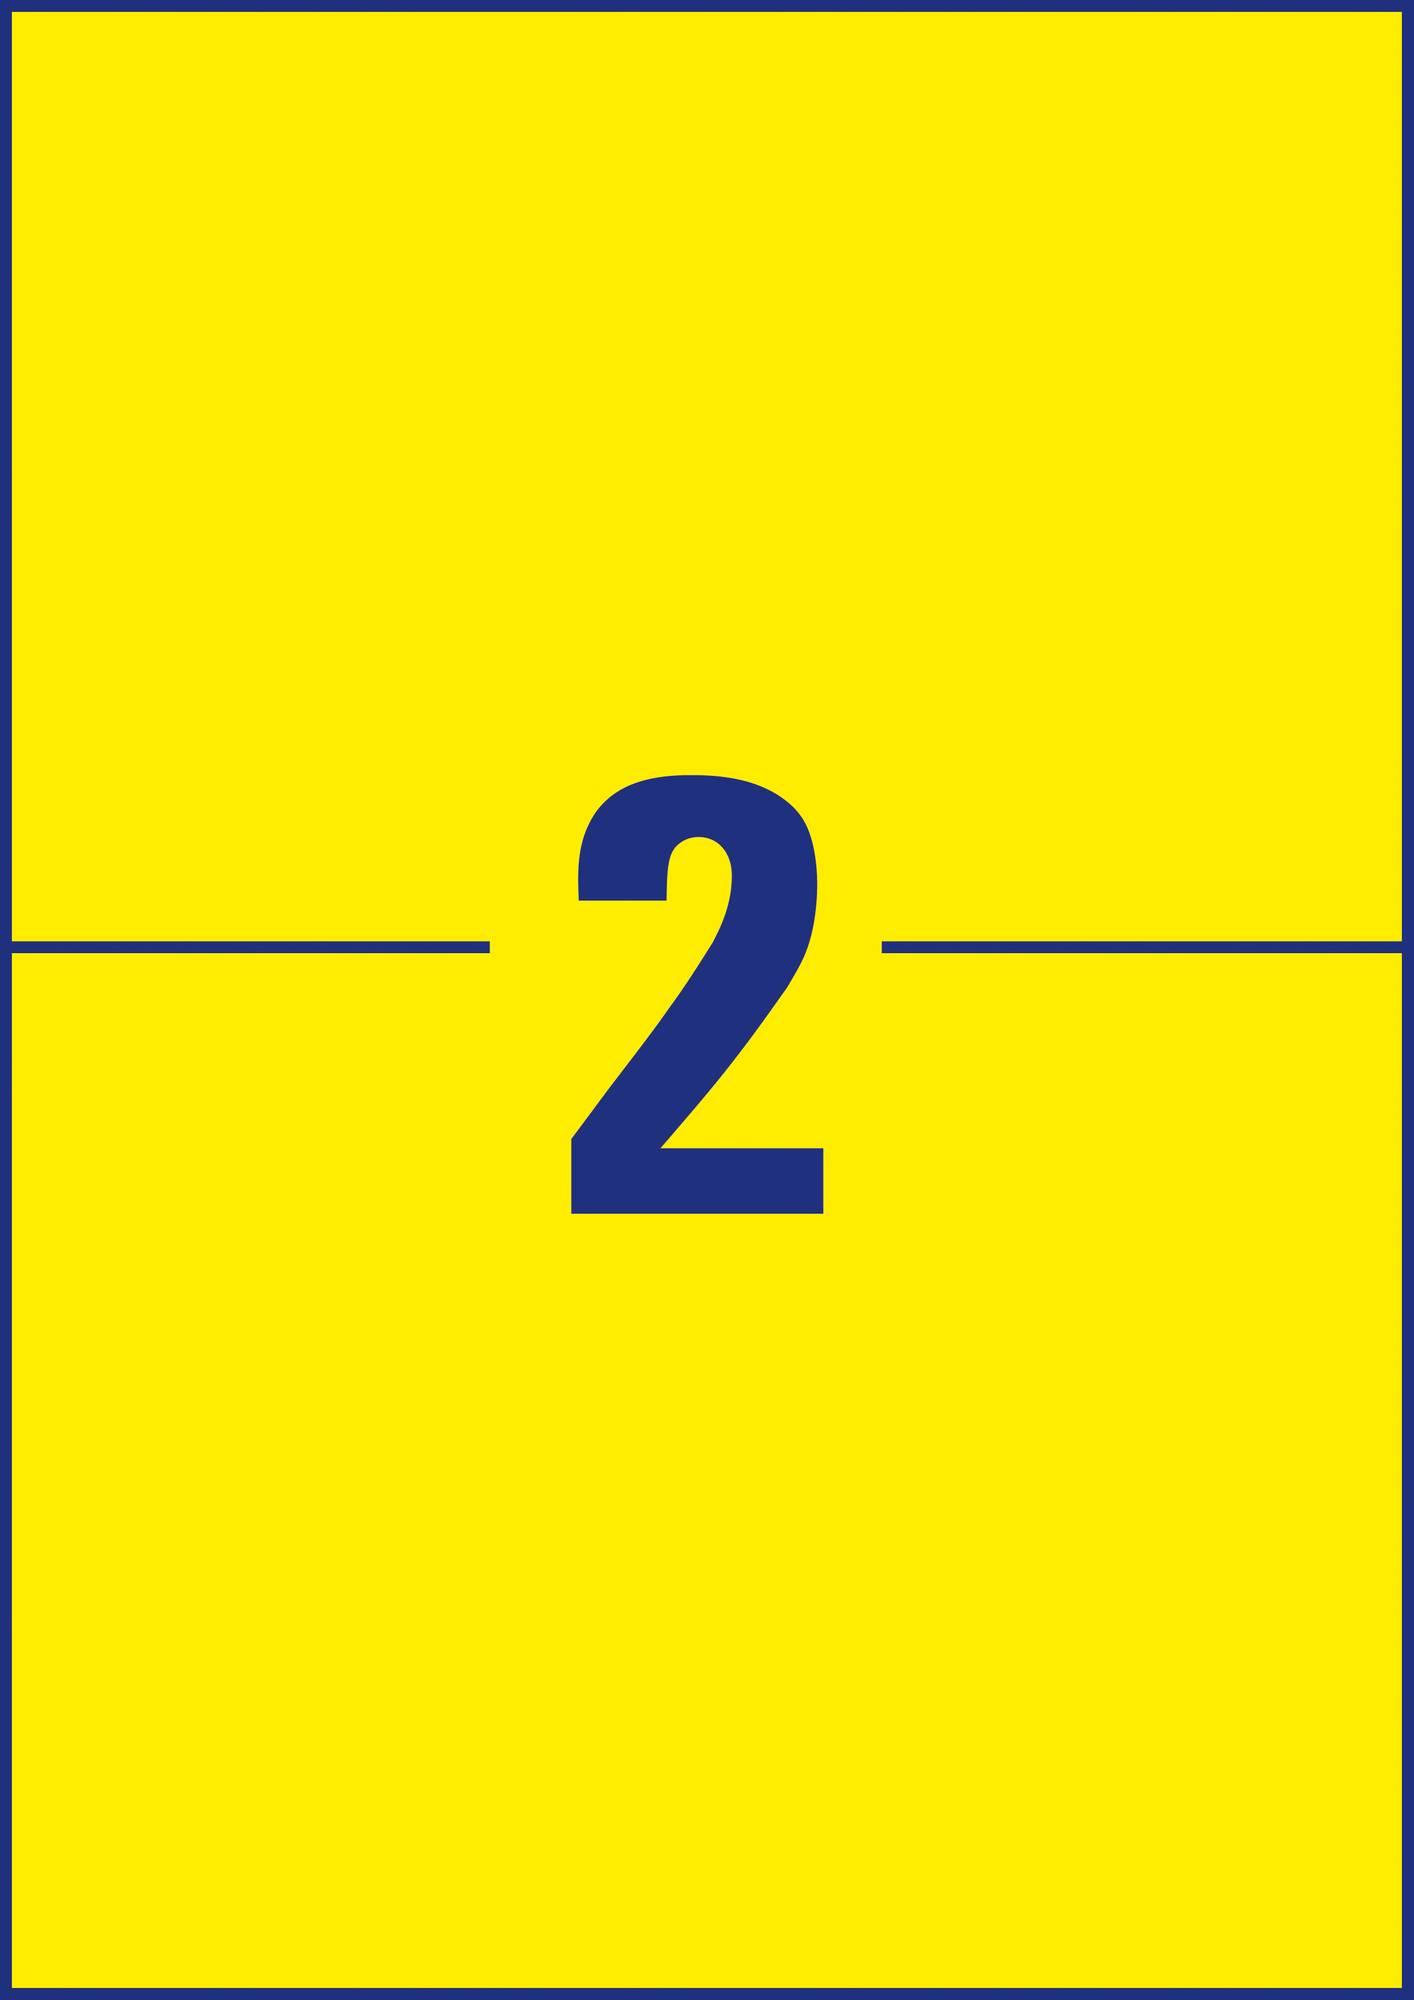 Etikettenbogen Avery Zweckform L6130-20 wetterfeste Etiketten für 2 Etiketten in gelb